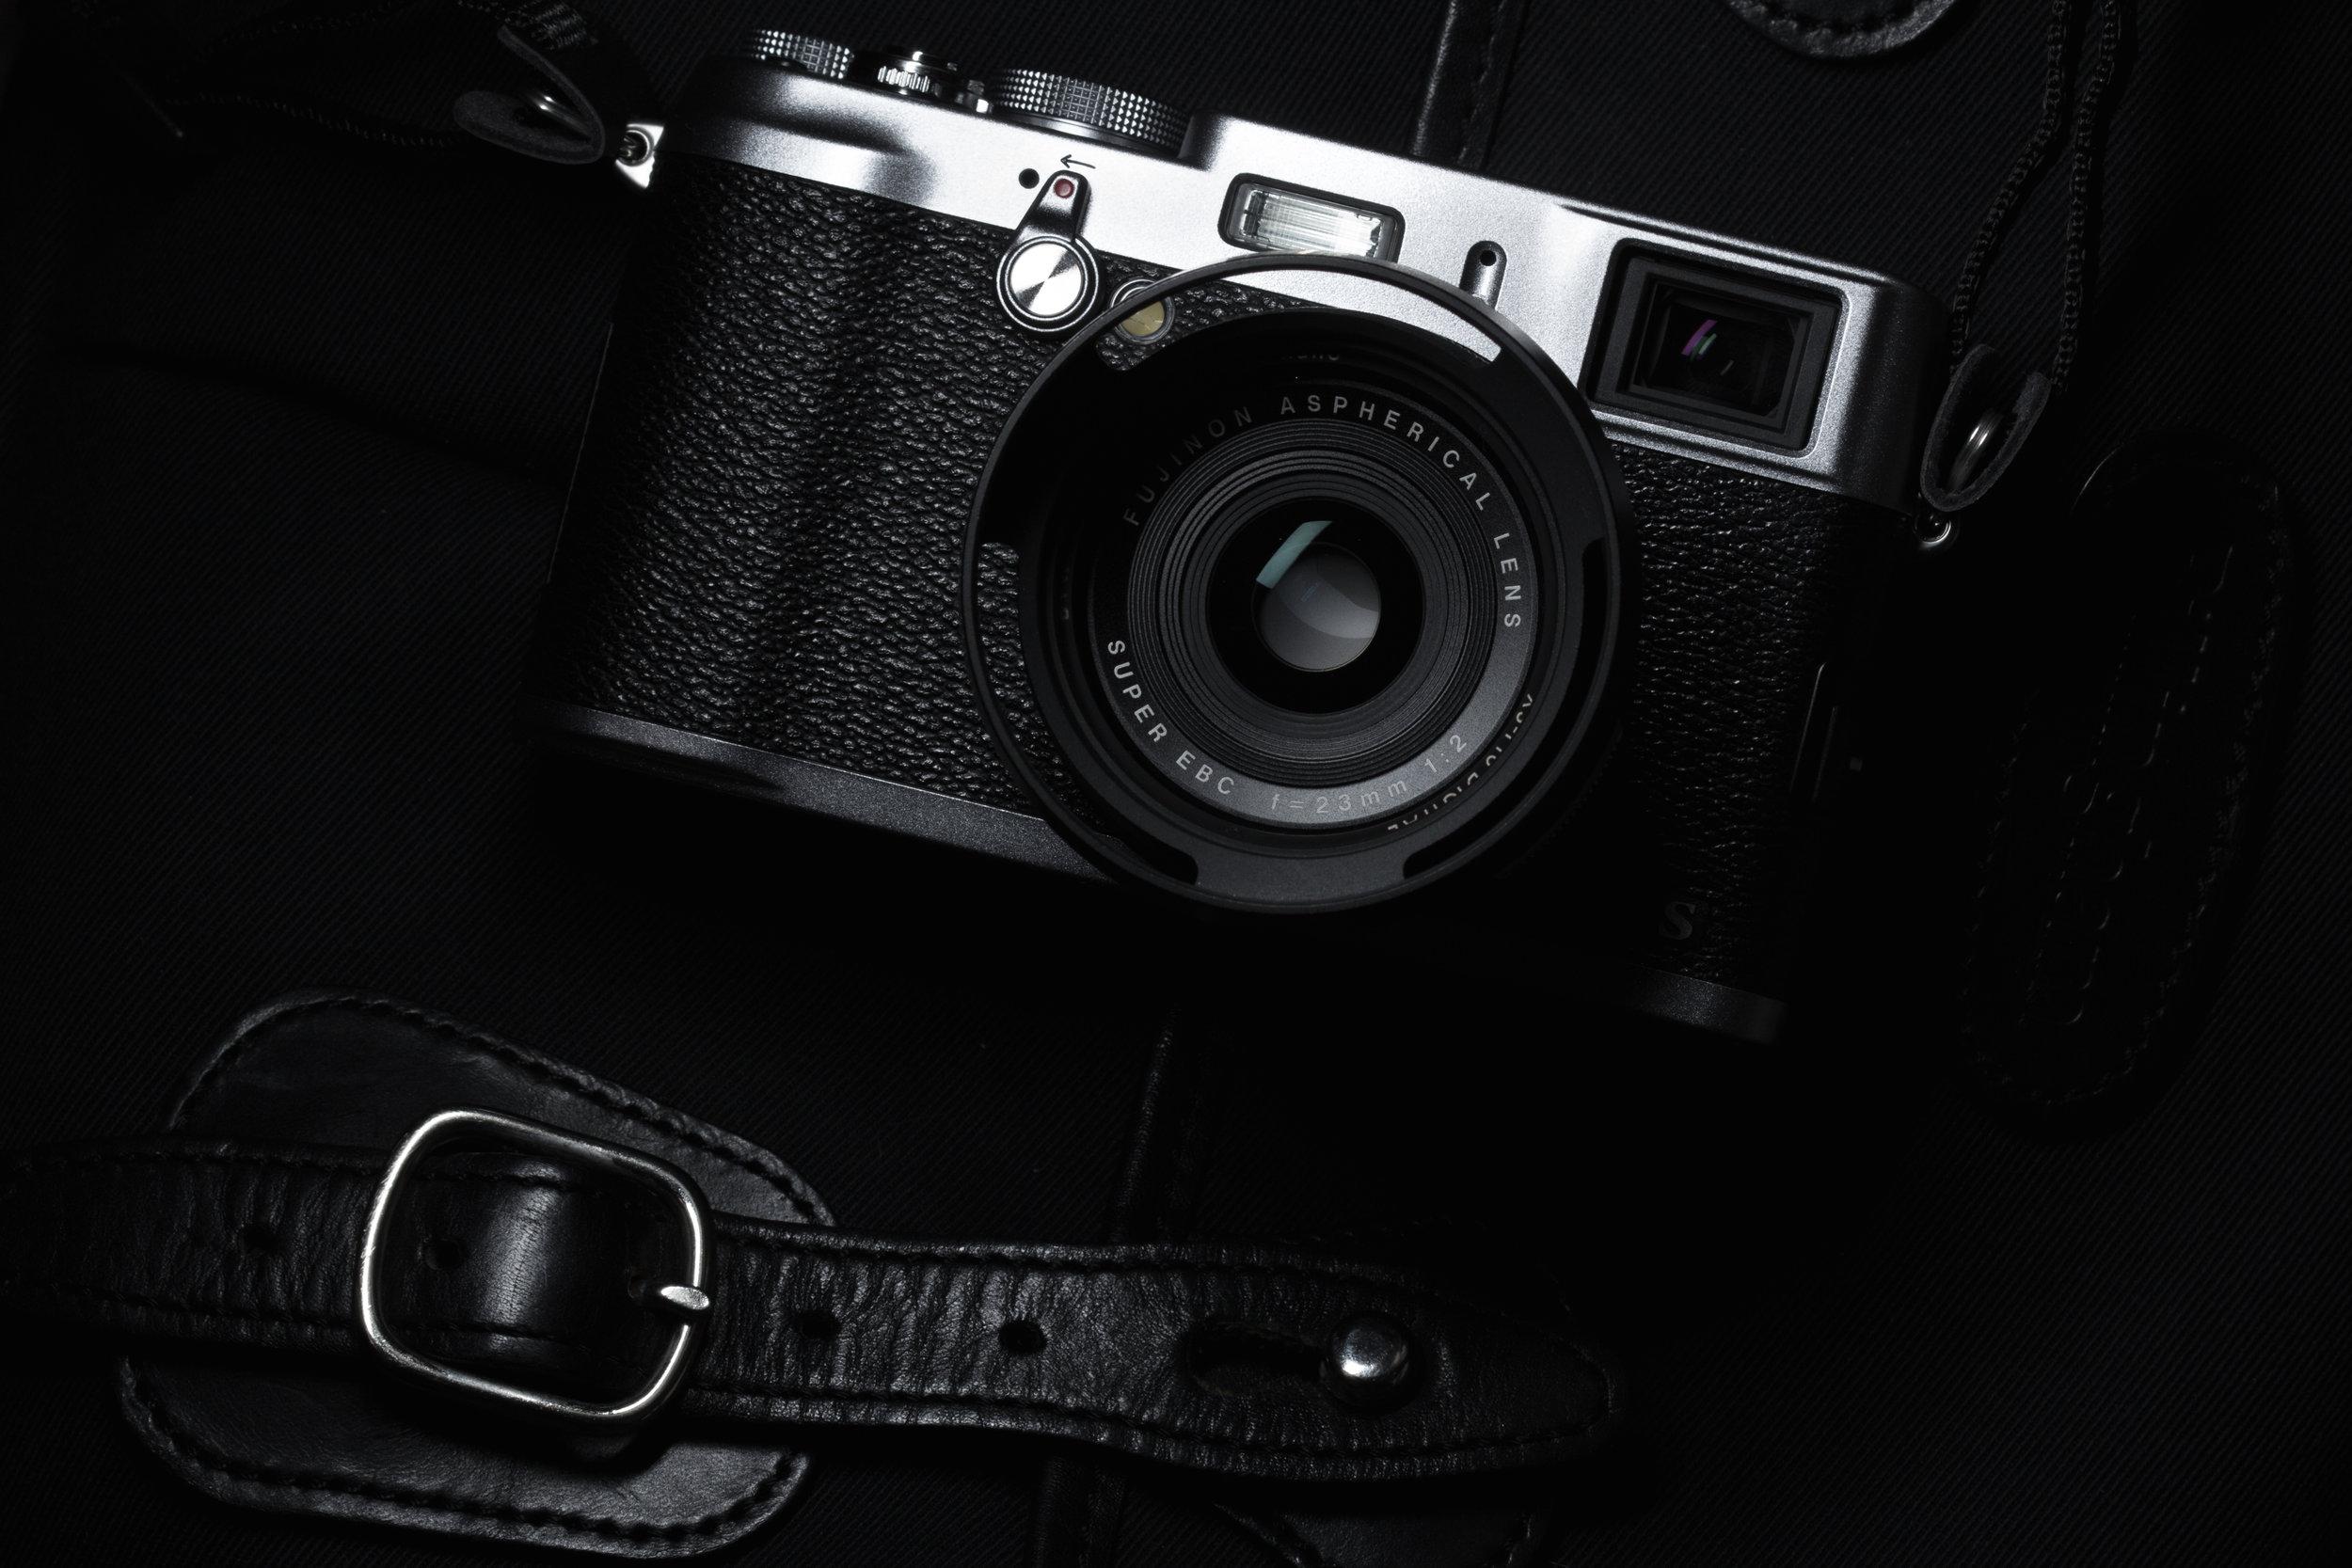 Simon_Rawling_Photography.jpg